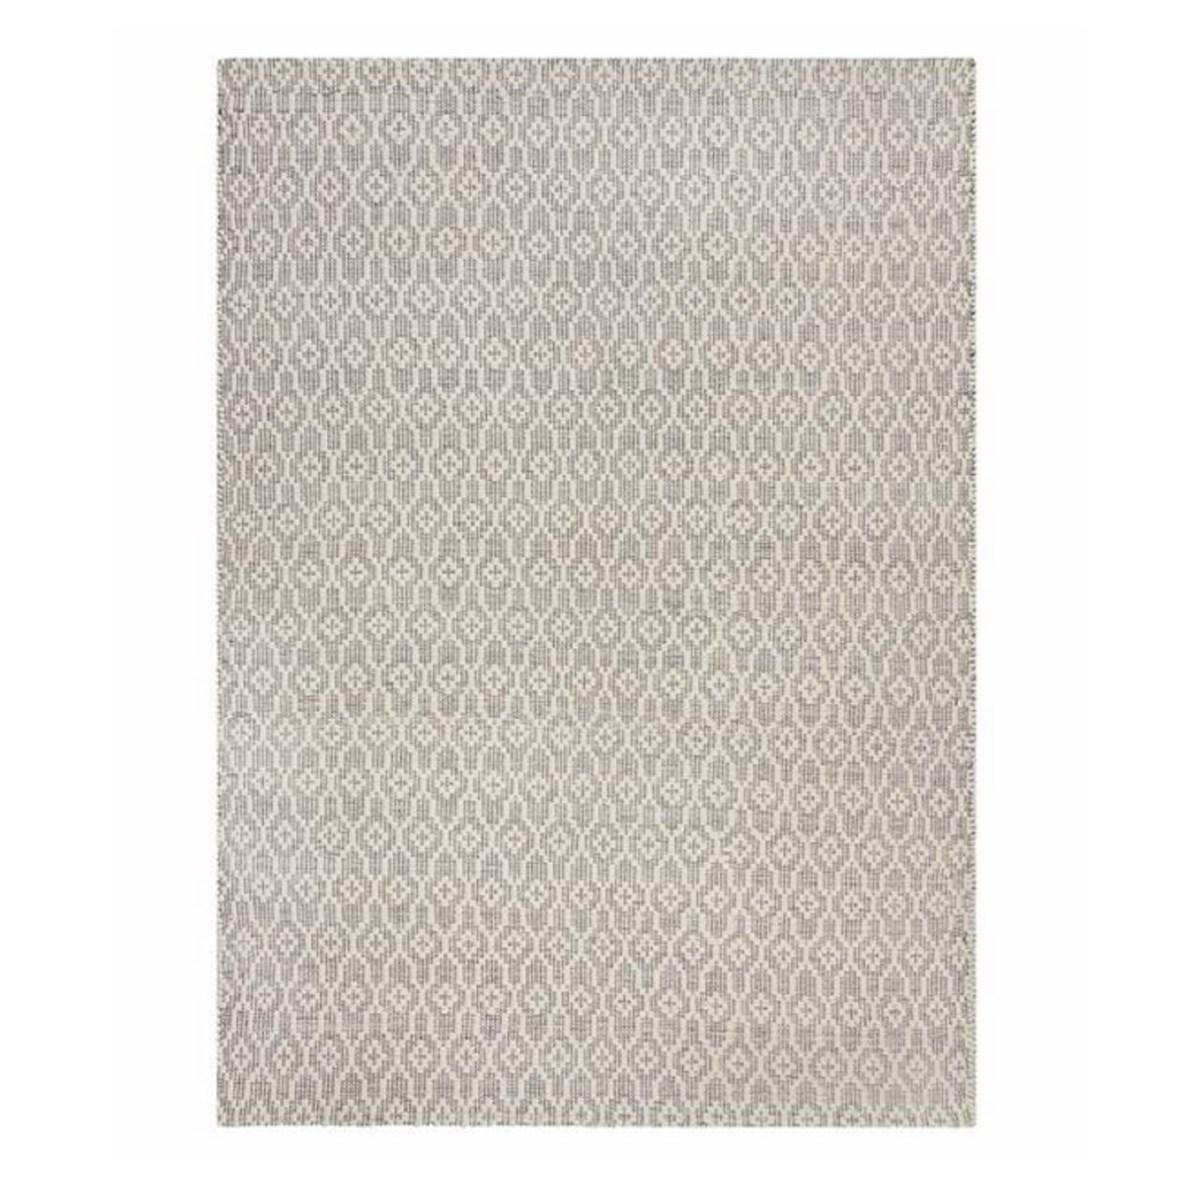 Tapis en laine en Laine Beige gris 120x170 cm